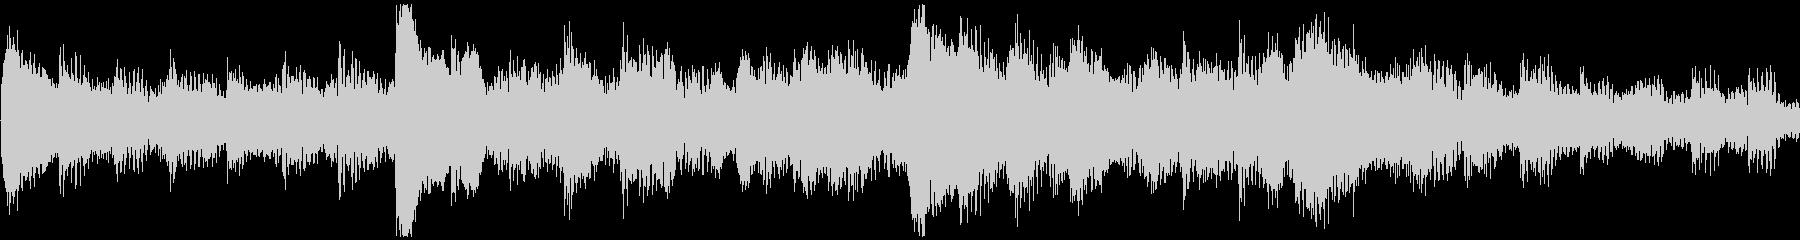 <Loop> 駆け出す ピアノの未再生の波形